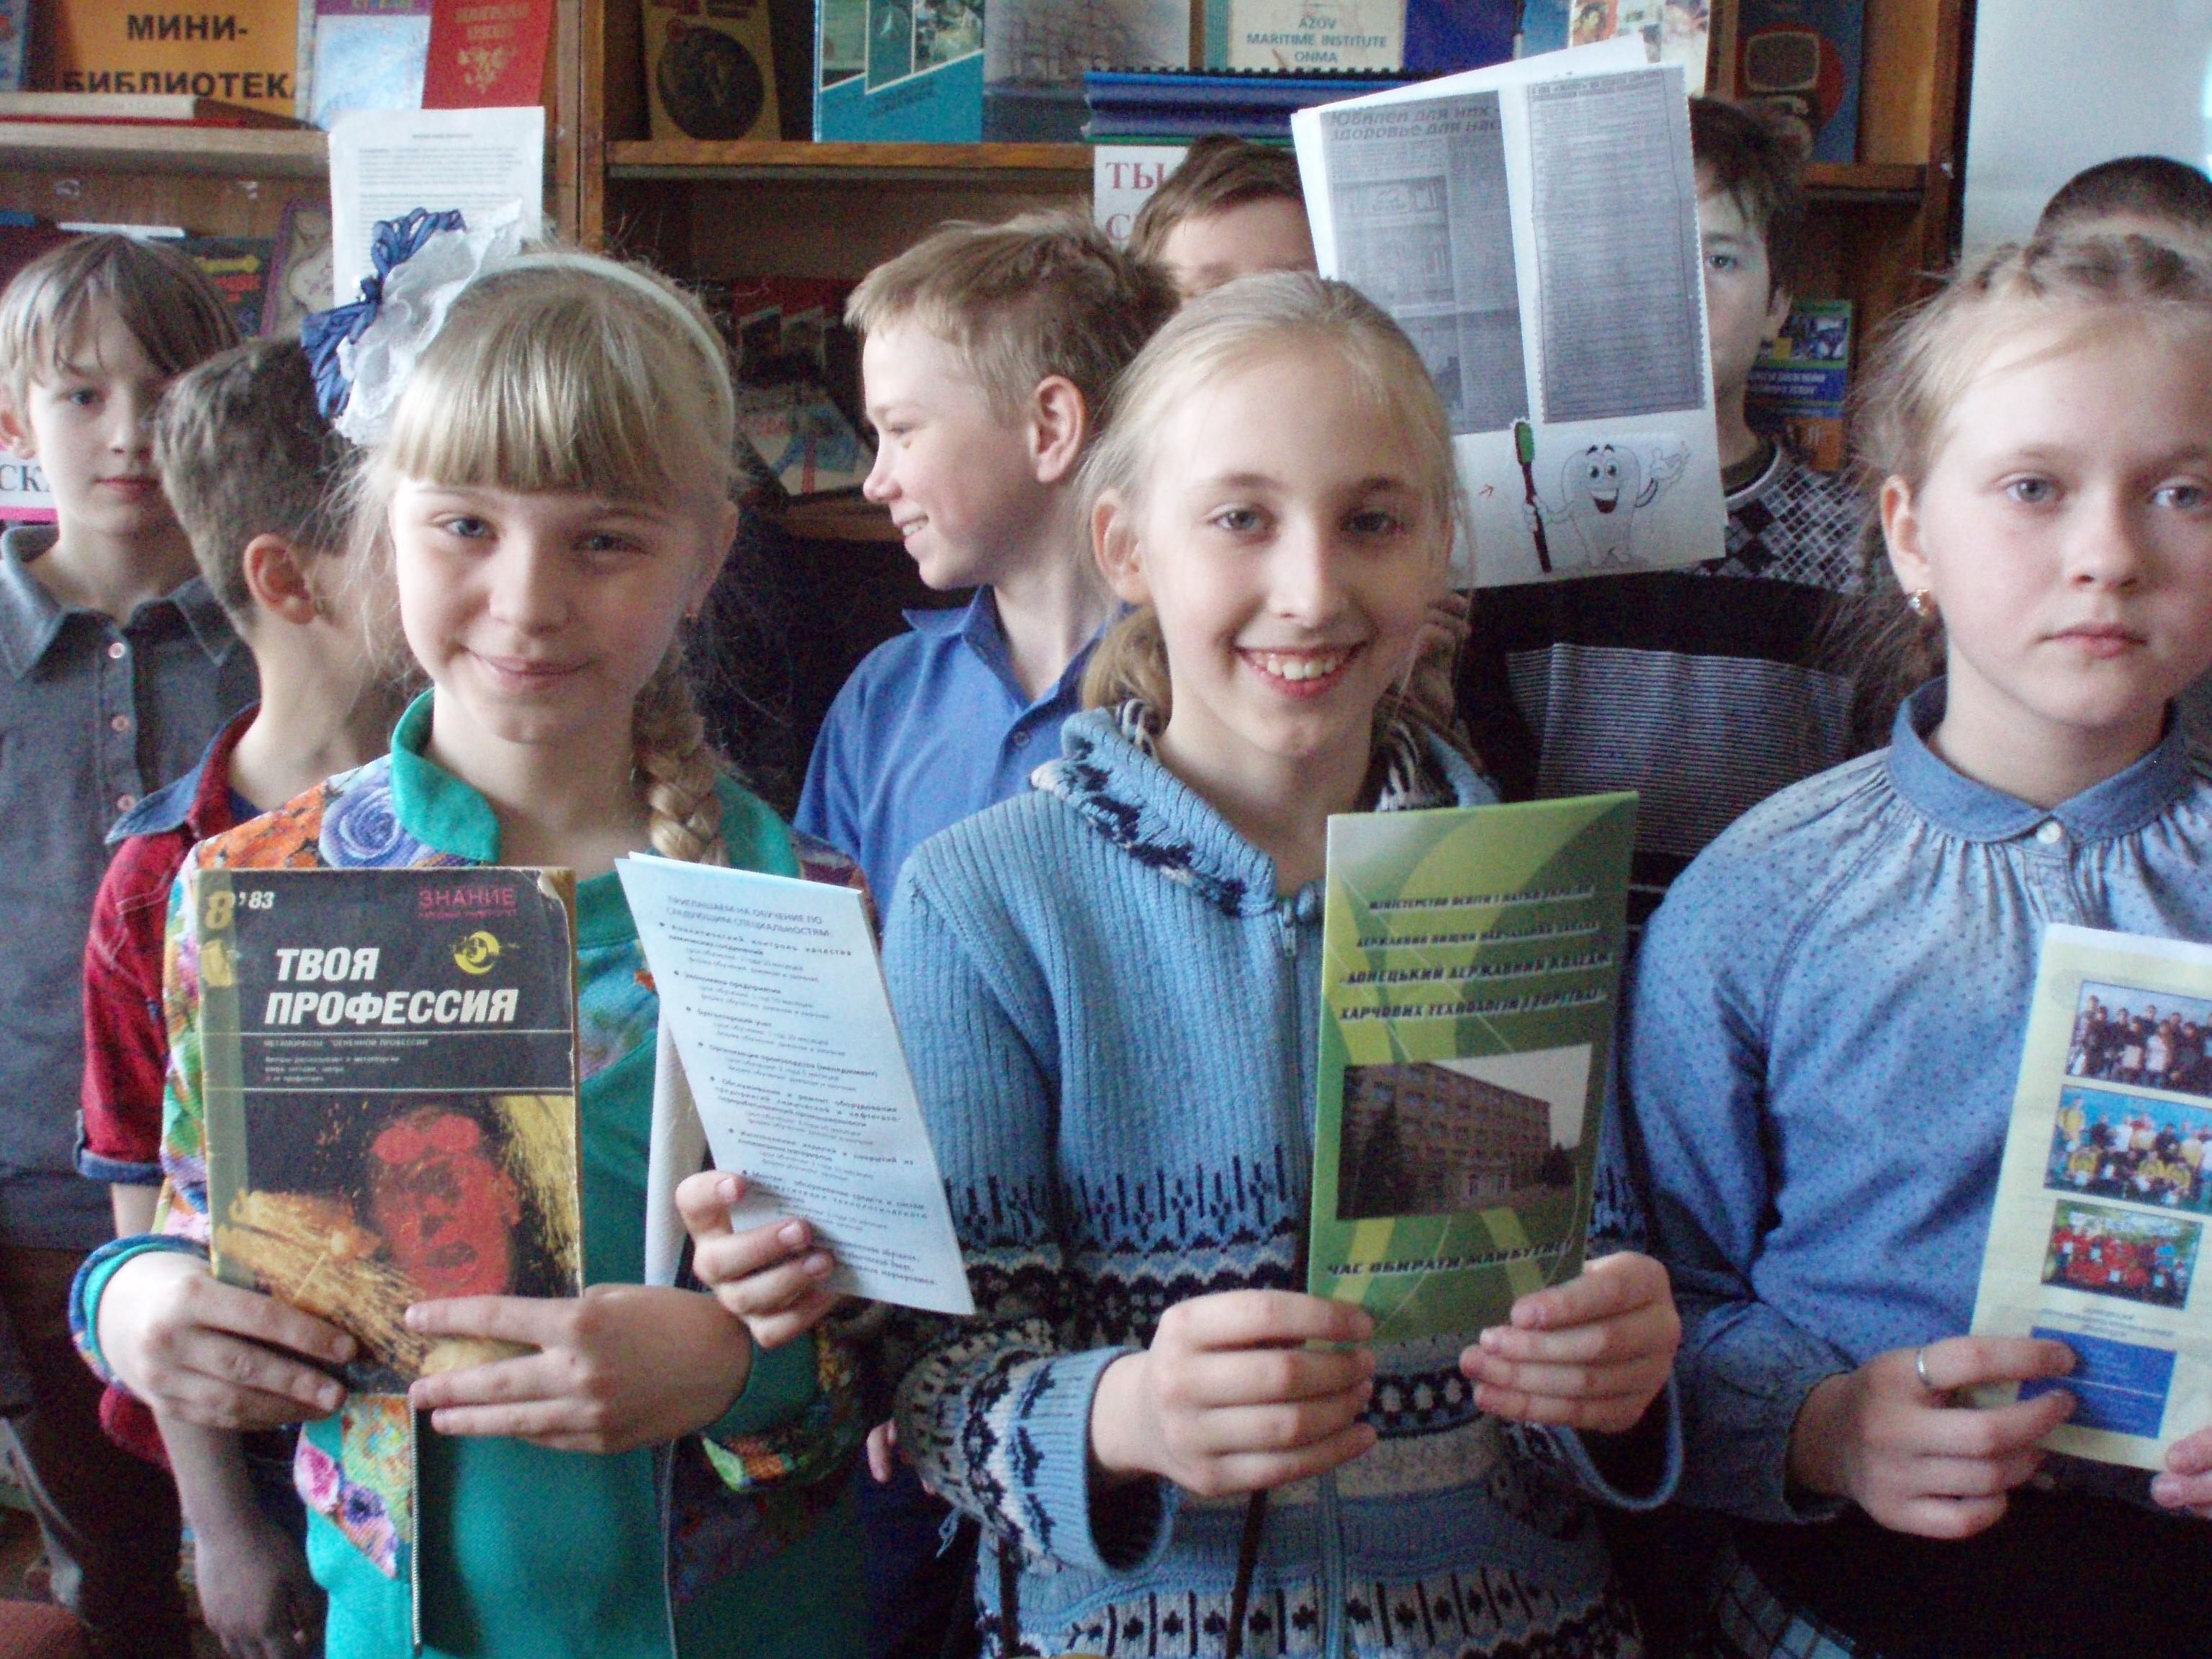 детям о профессиях, донецкая республиканская библиотека для детей, отдела обслуживания учащихся 5-9 классов